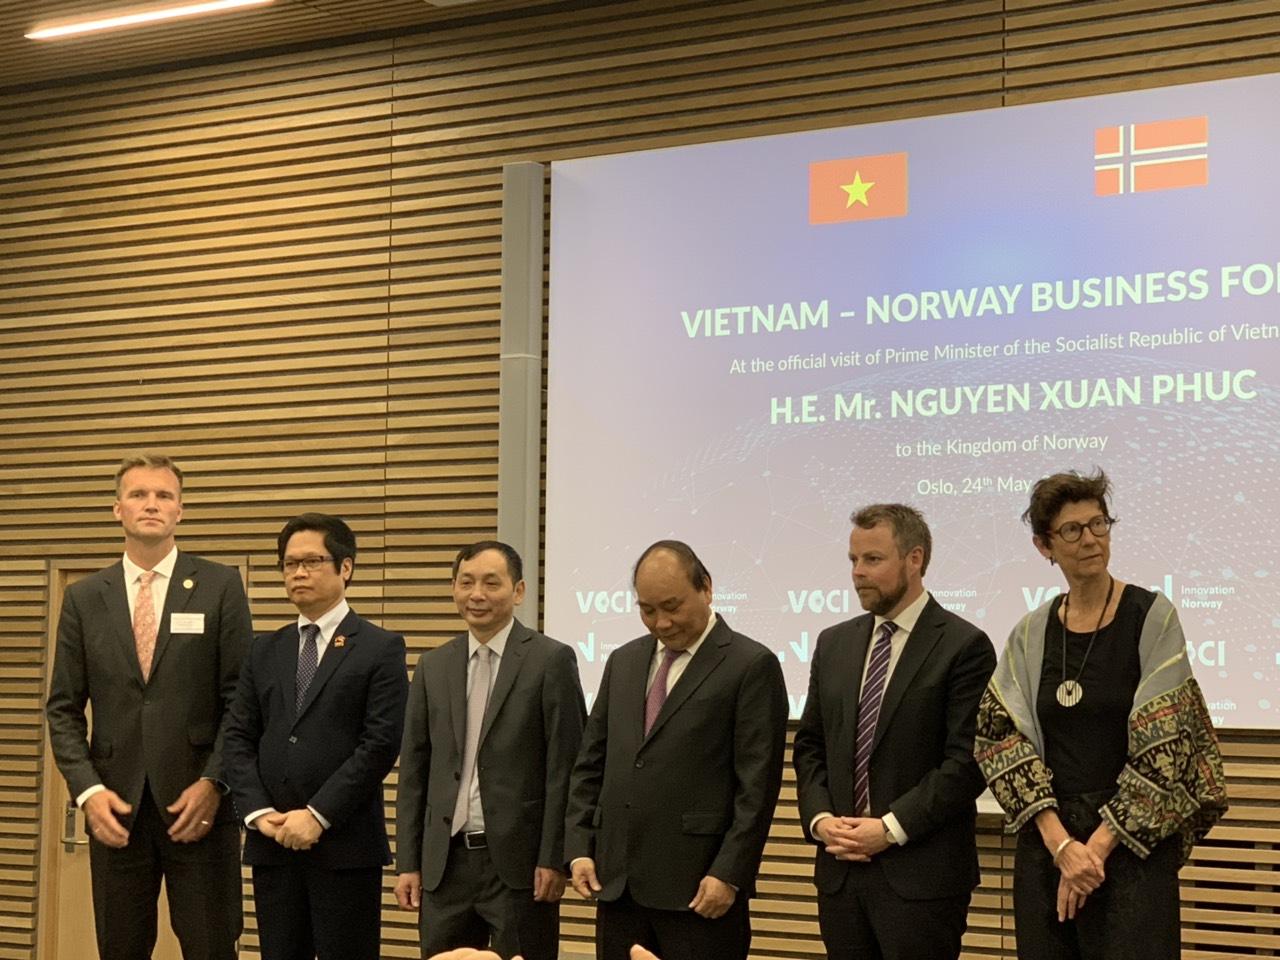 Thẩm định giá Hoàng Quân vinh dự cùng Thủ Tướng Chính Phủ tham dự Diễn đàn Doanh nghiệp Việt Nam - Na Uy